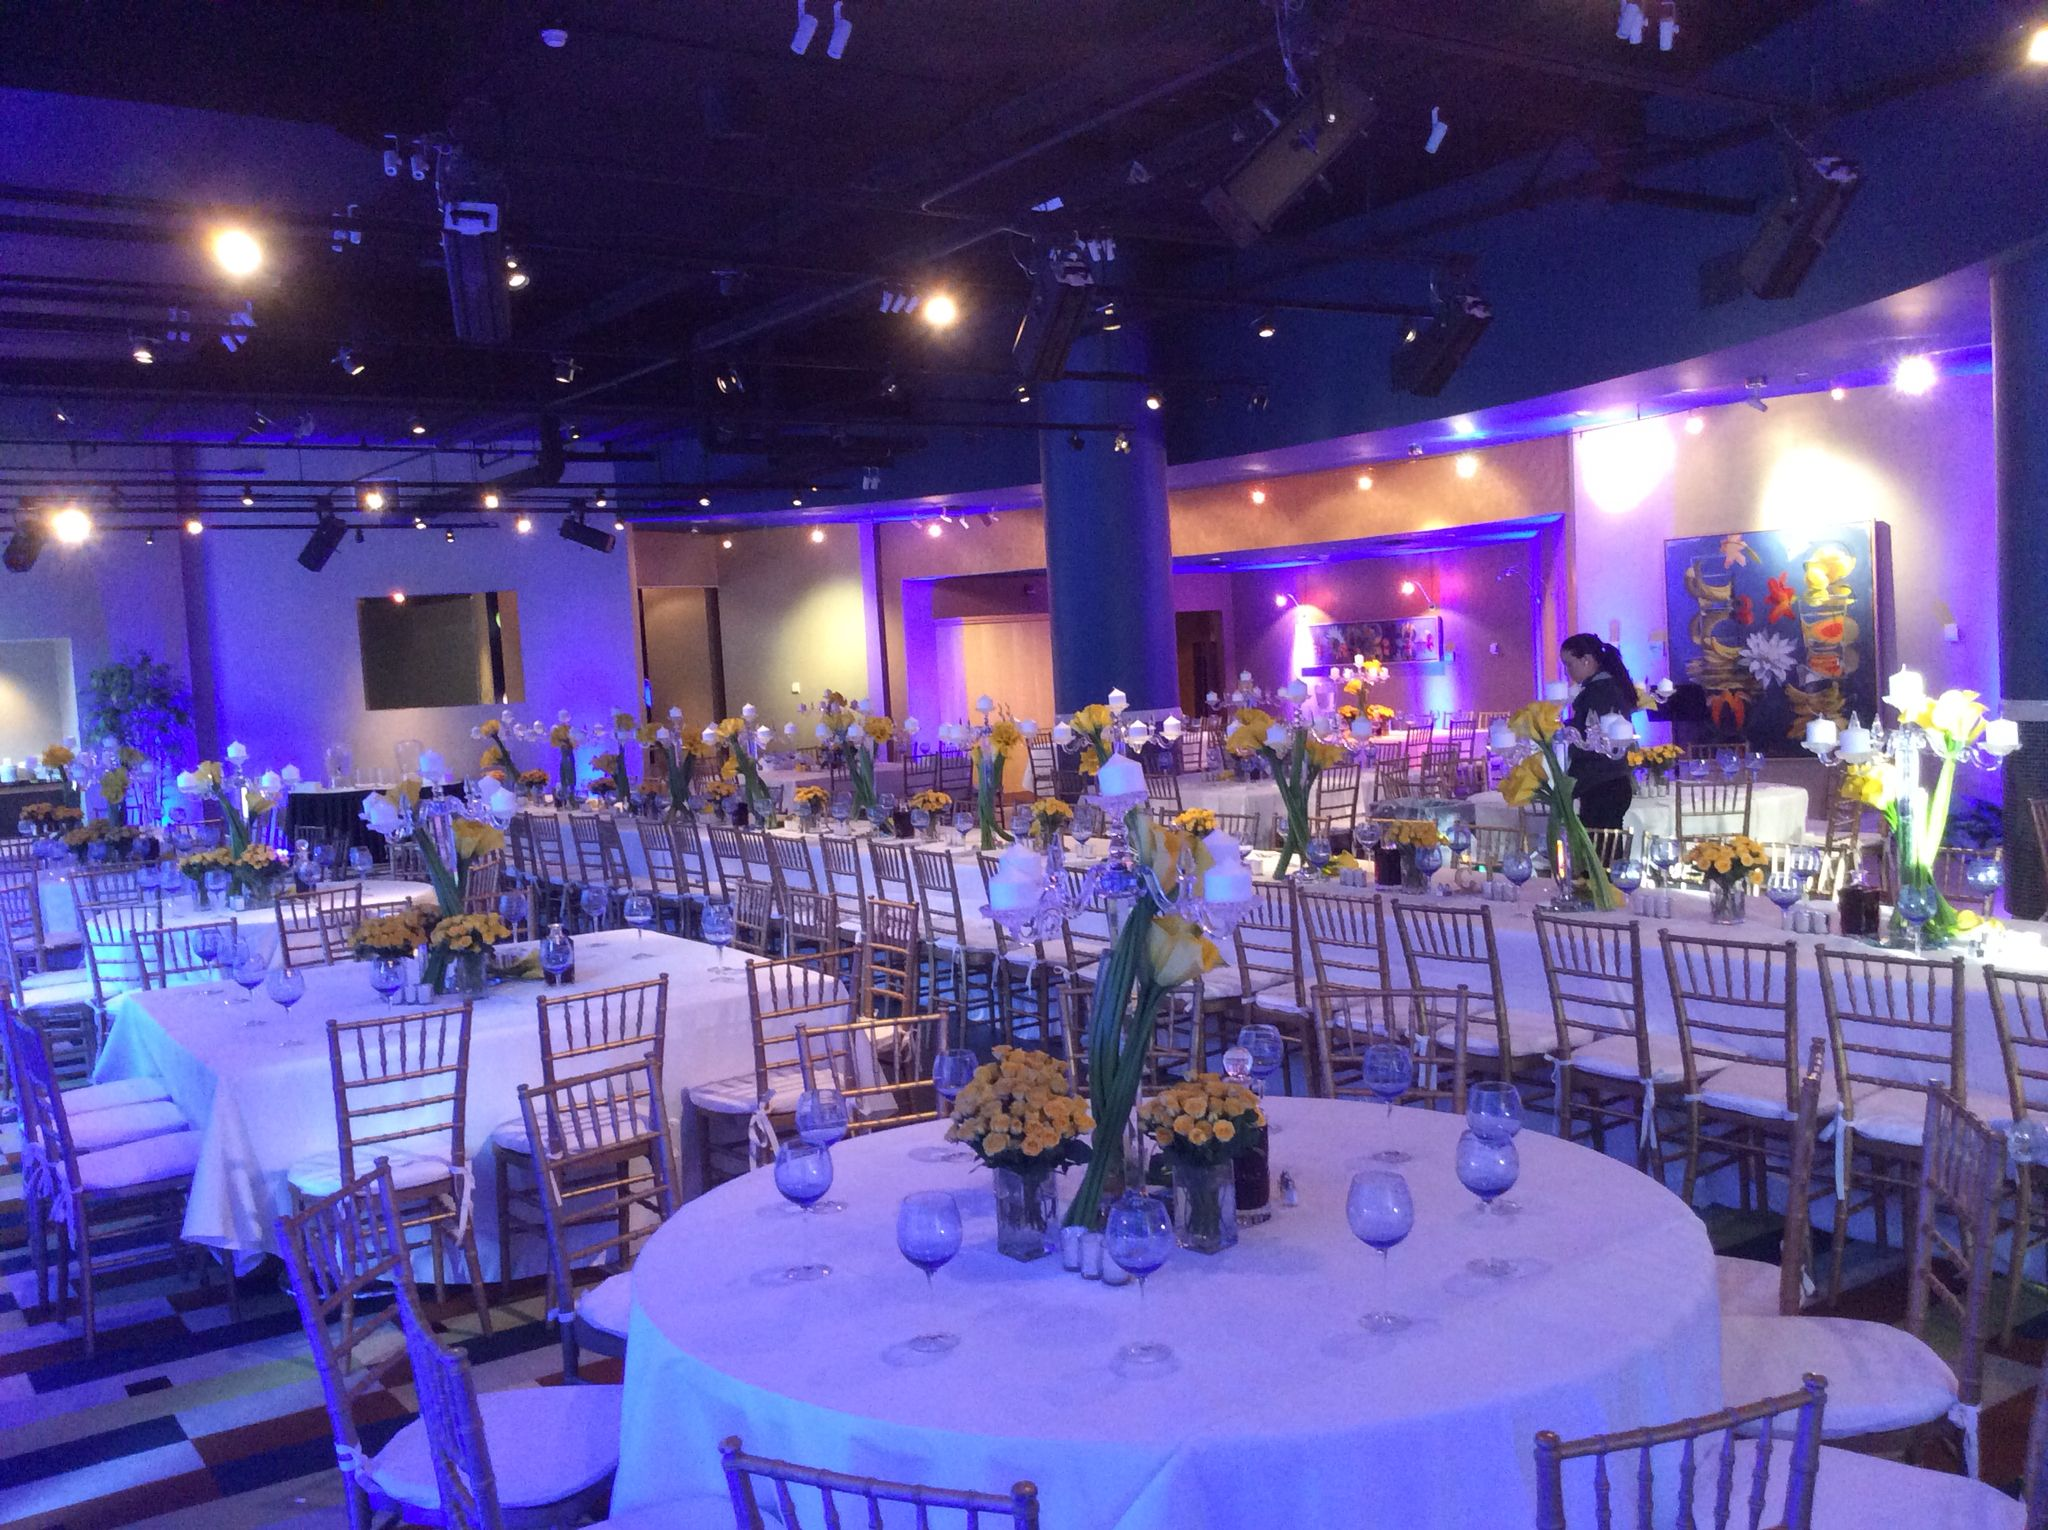 Weddings The Heldrich Hotel In New Brunswick Nj